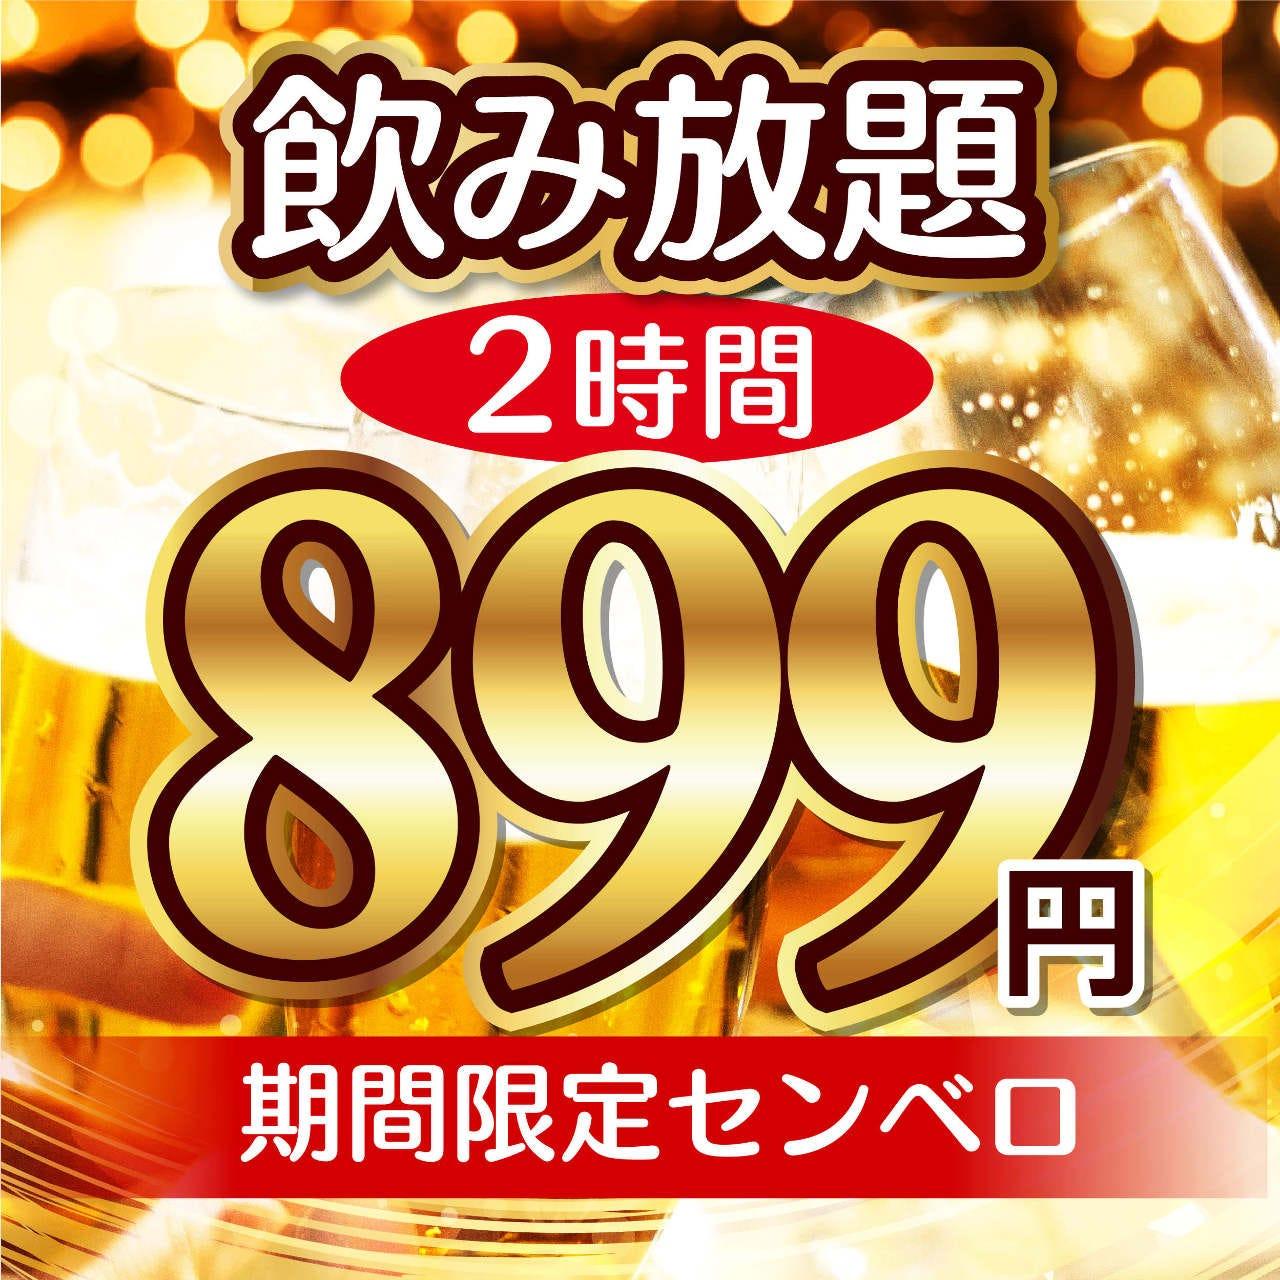 ビール付単品飲み放題は2H899円!